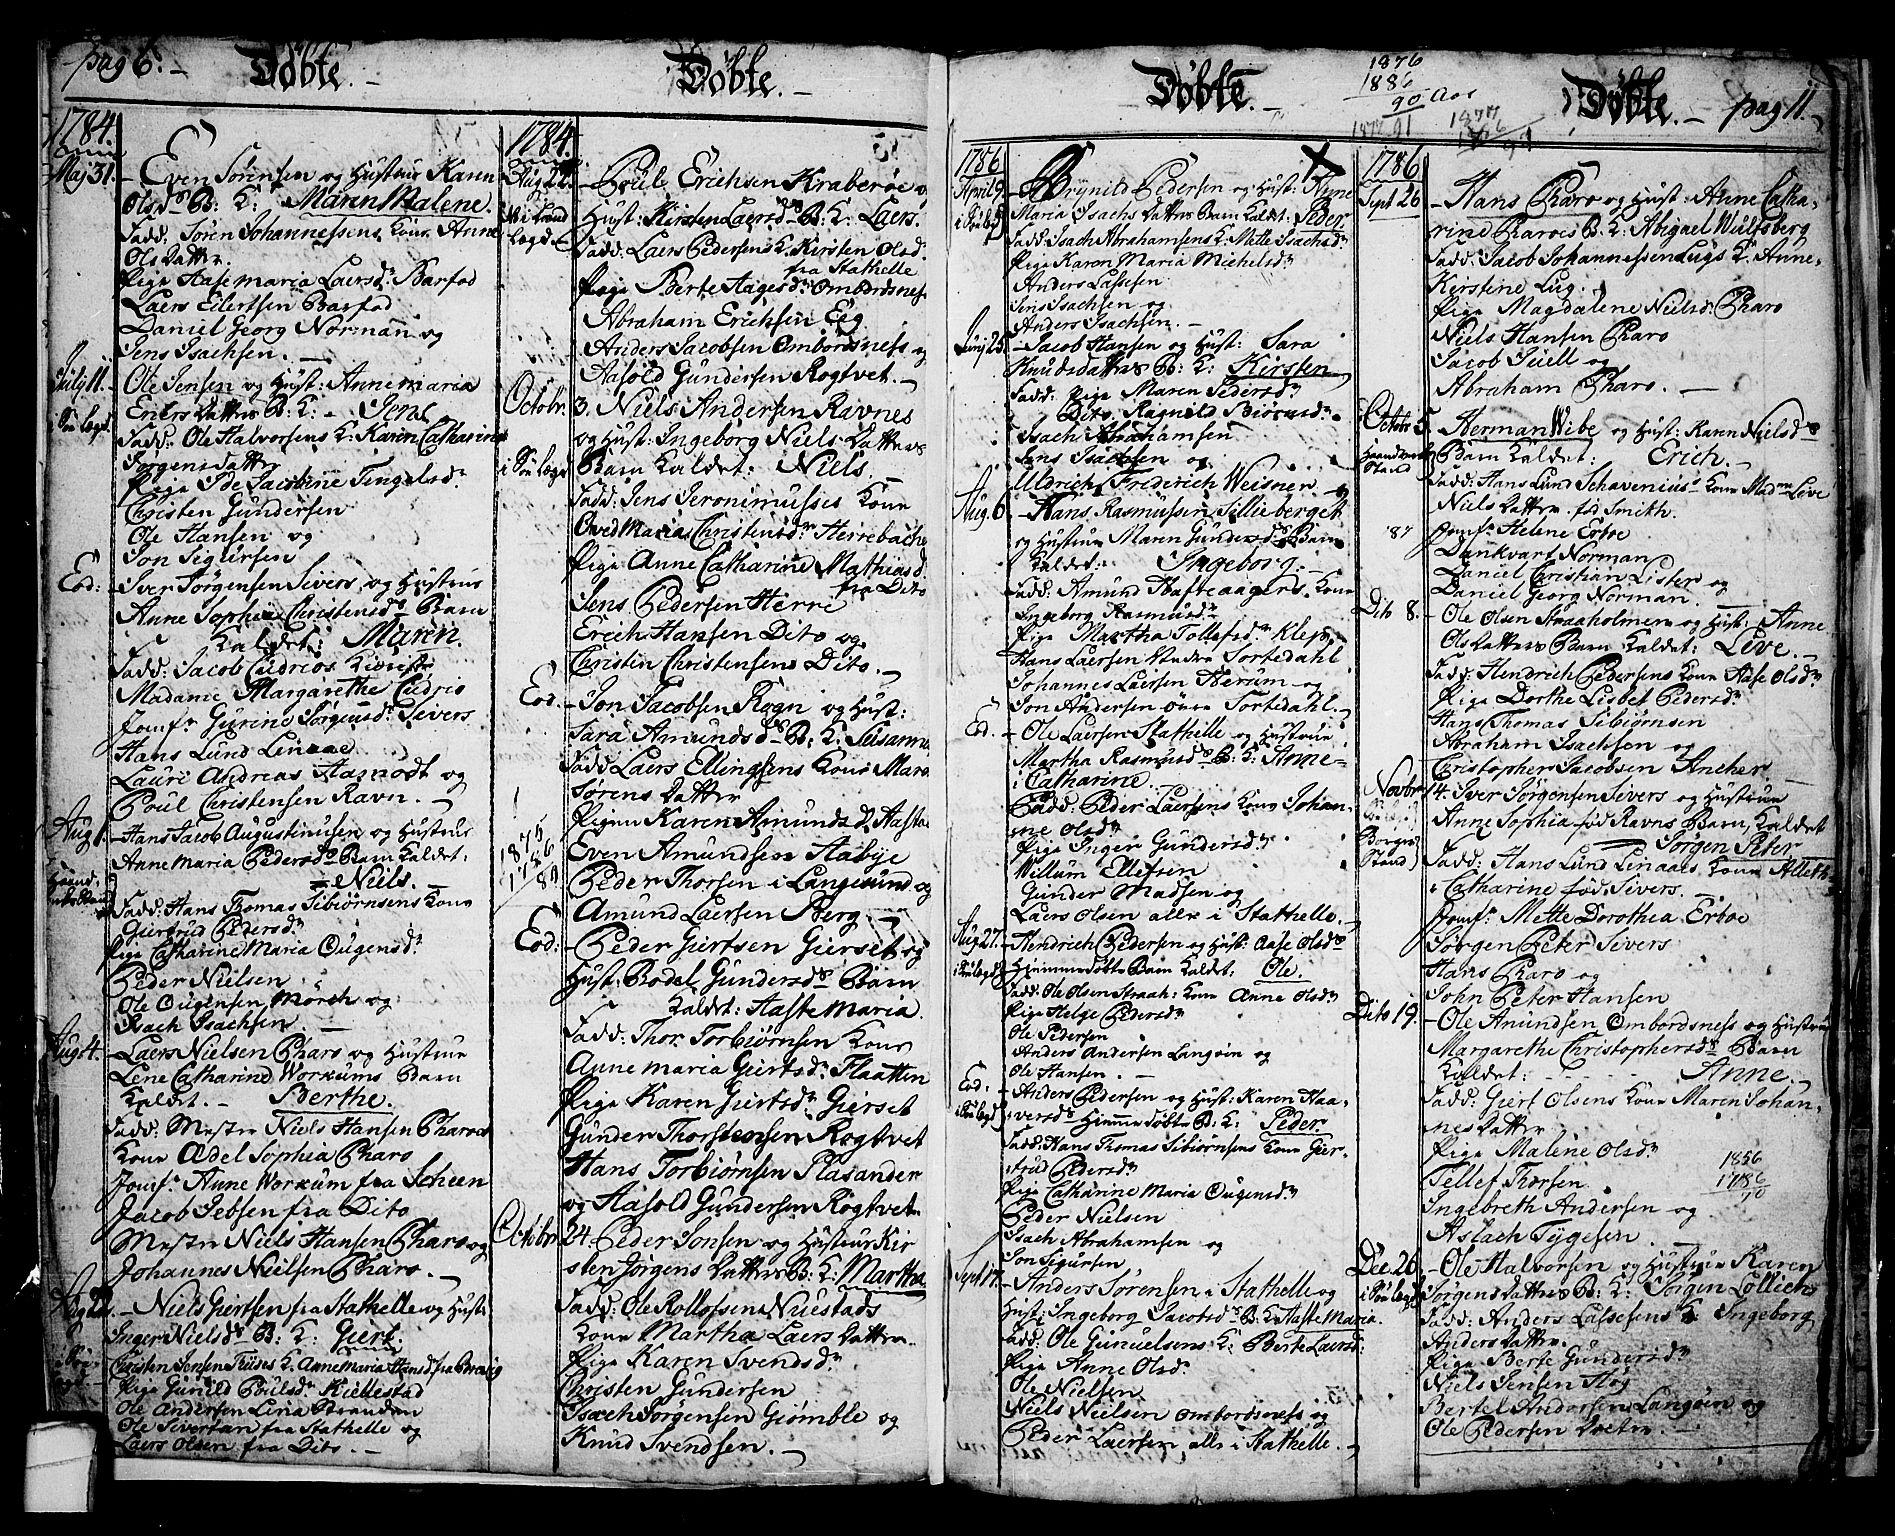 SAKO, Langesund kirkebøker, G/Ga/L0001: Klokkerbok nr. 1, 1783-1801, s. 6-7